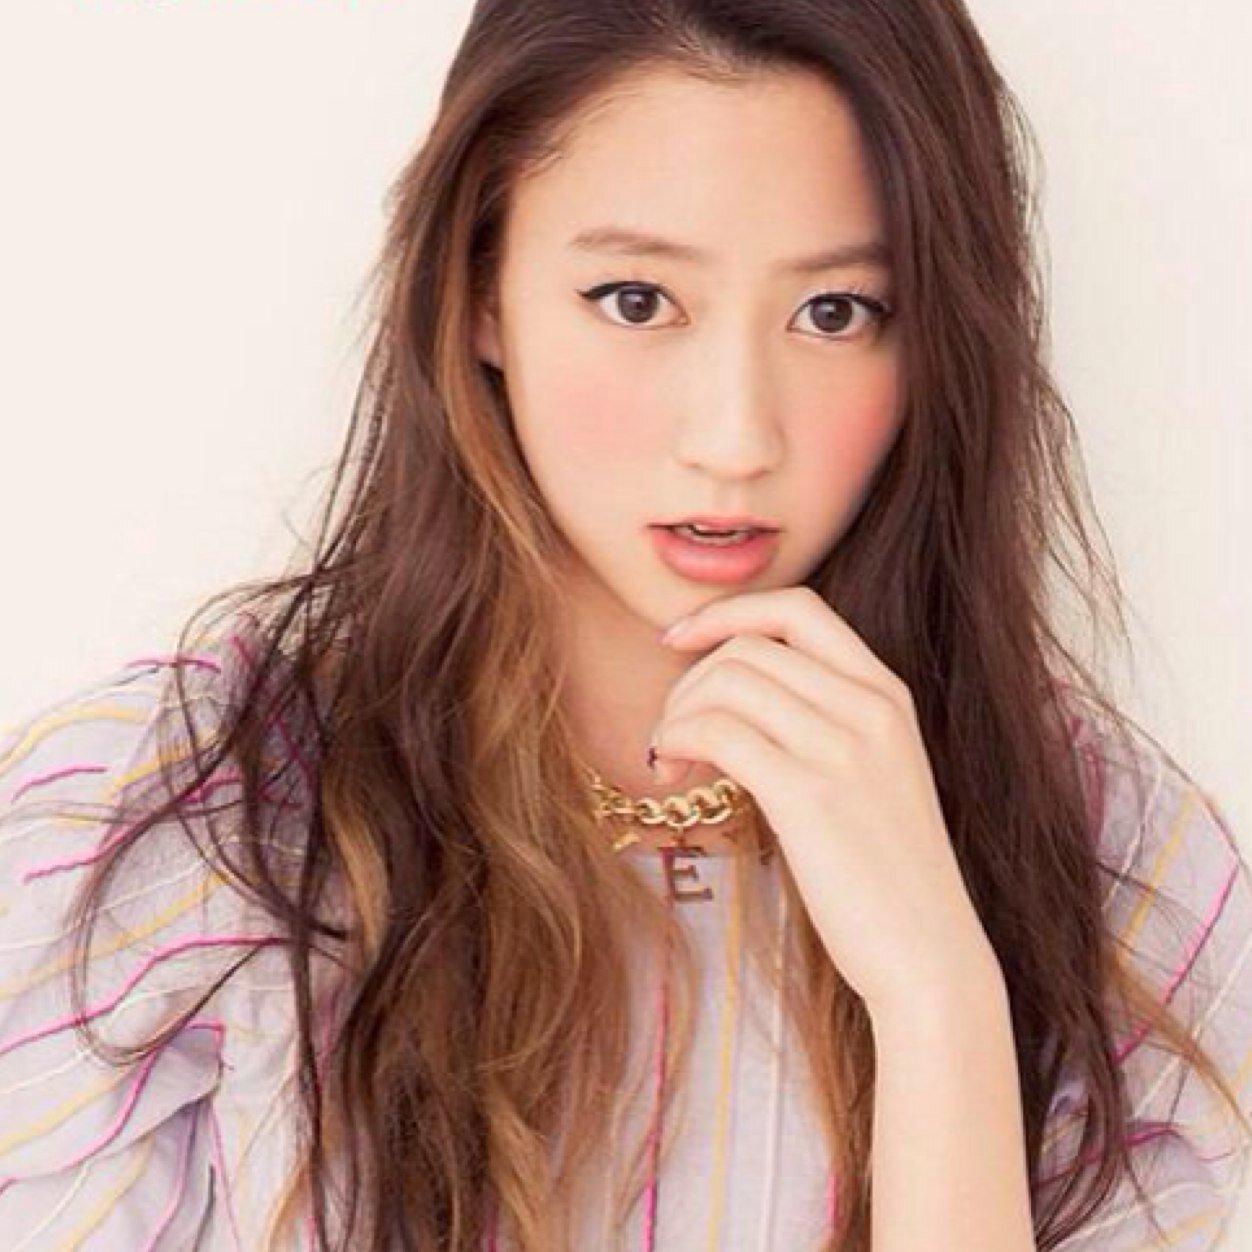 国民的美少女コンテストグランプリの河北麻友子は性格悪い!?のサムネイル画像